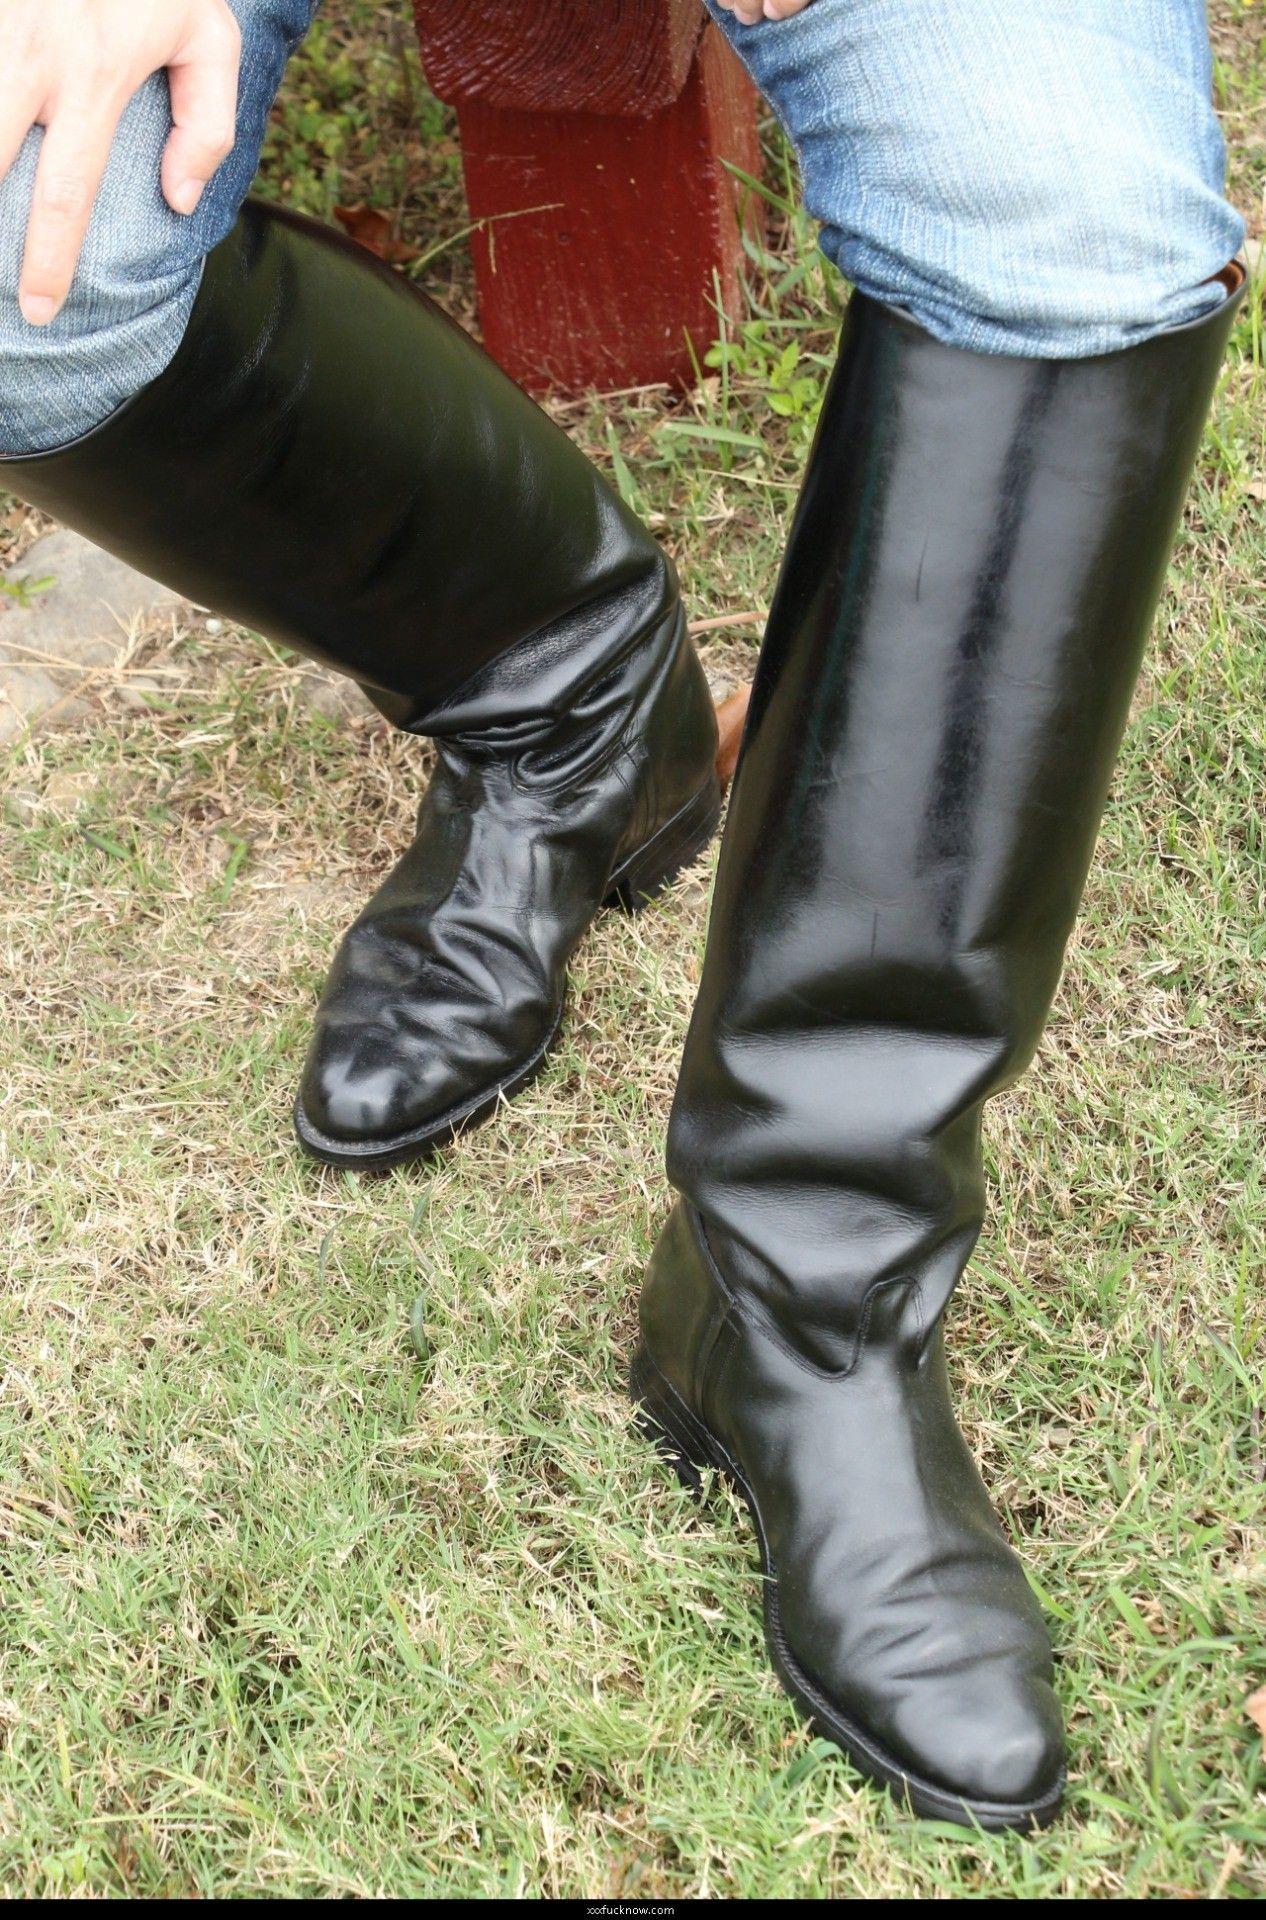 Pin de Gelaarsdekater en Laarzen | Botas hombre, Botas de